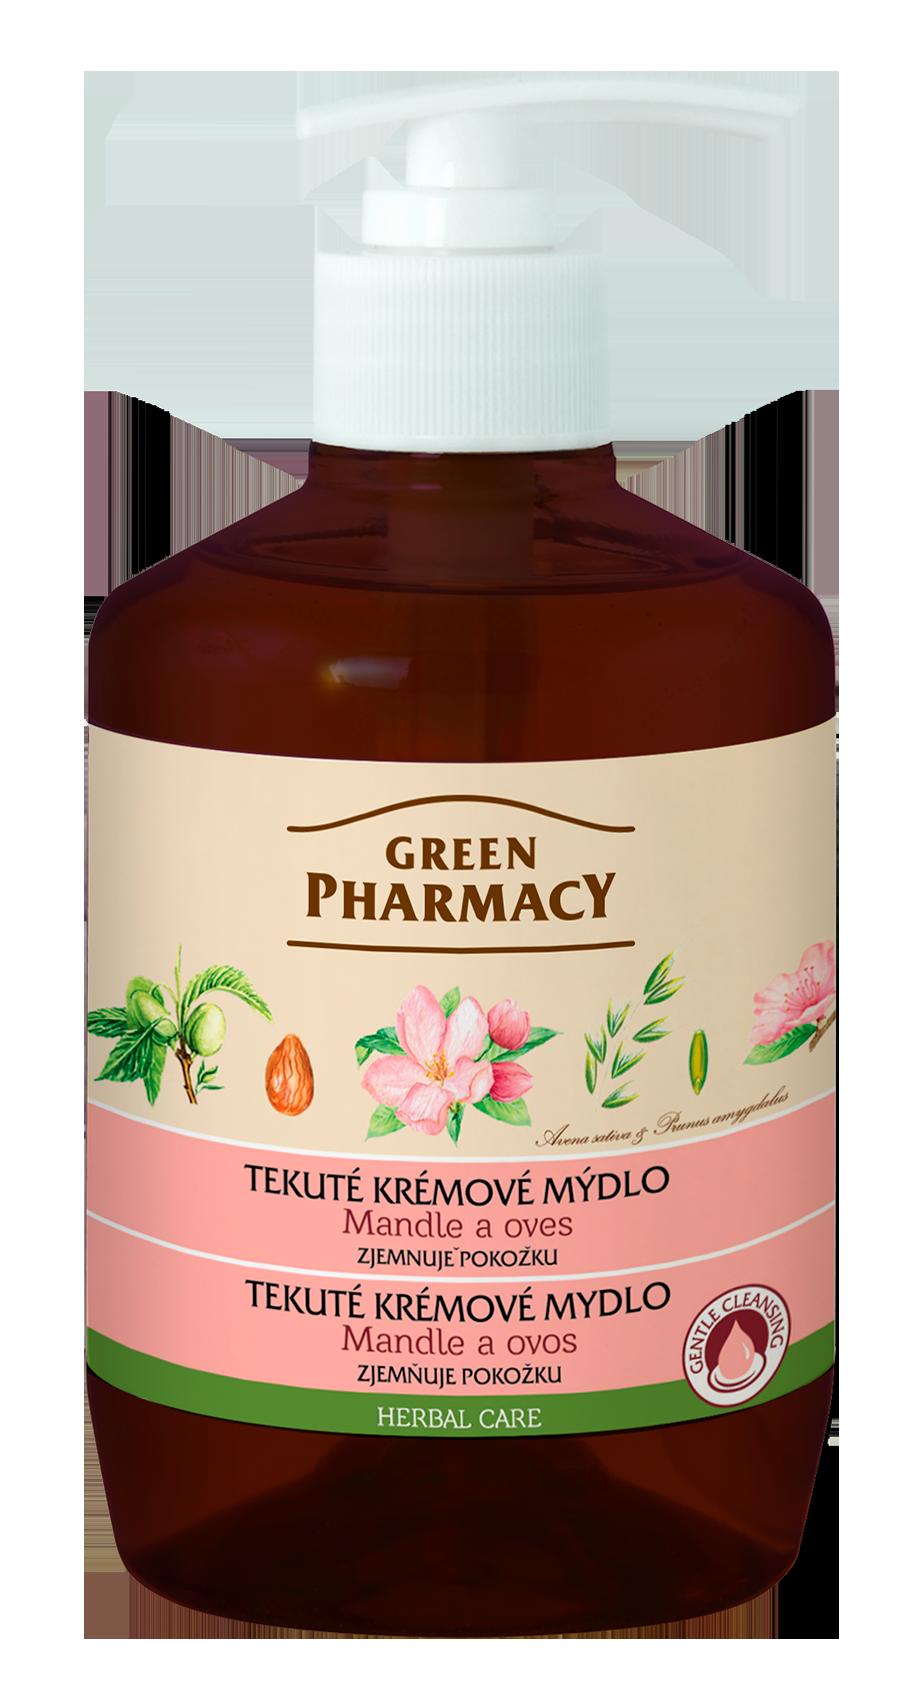 Green Pharmacy Mandle a Oves - tekuté krémové mýdlo zjemňující pokožku, 460 ml